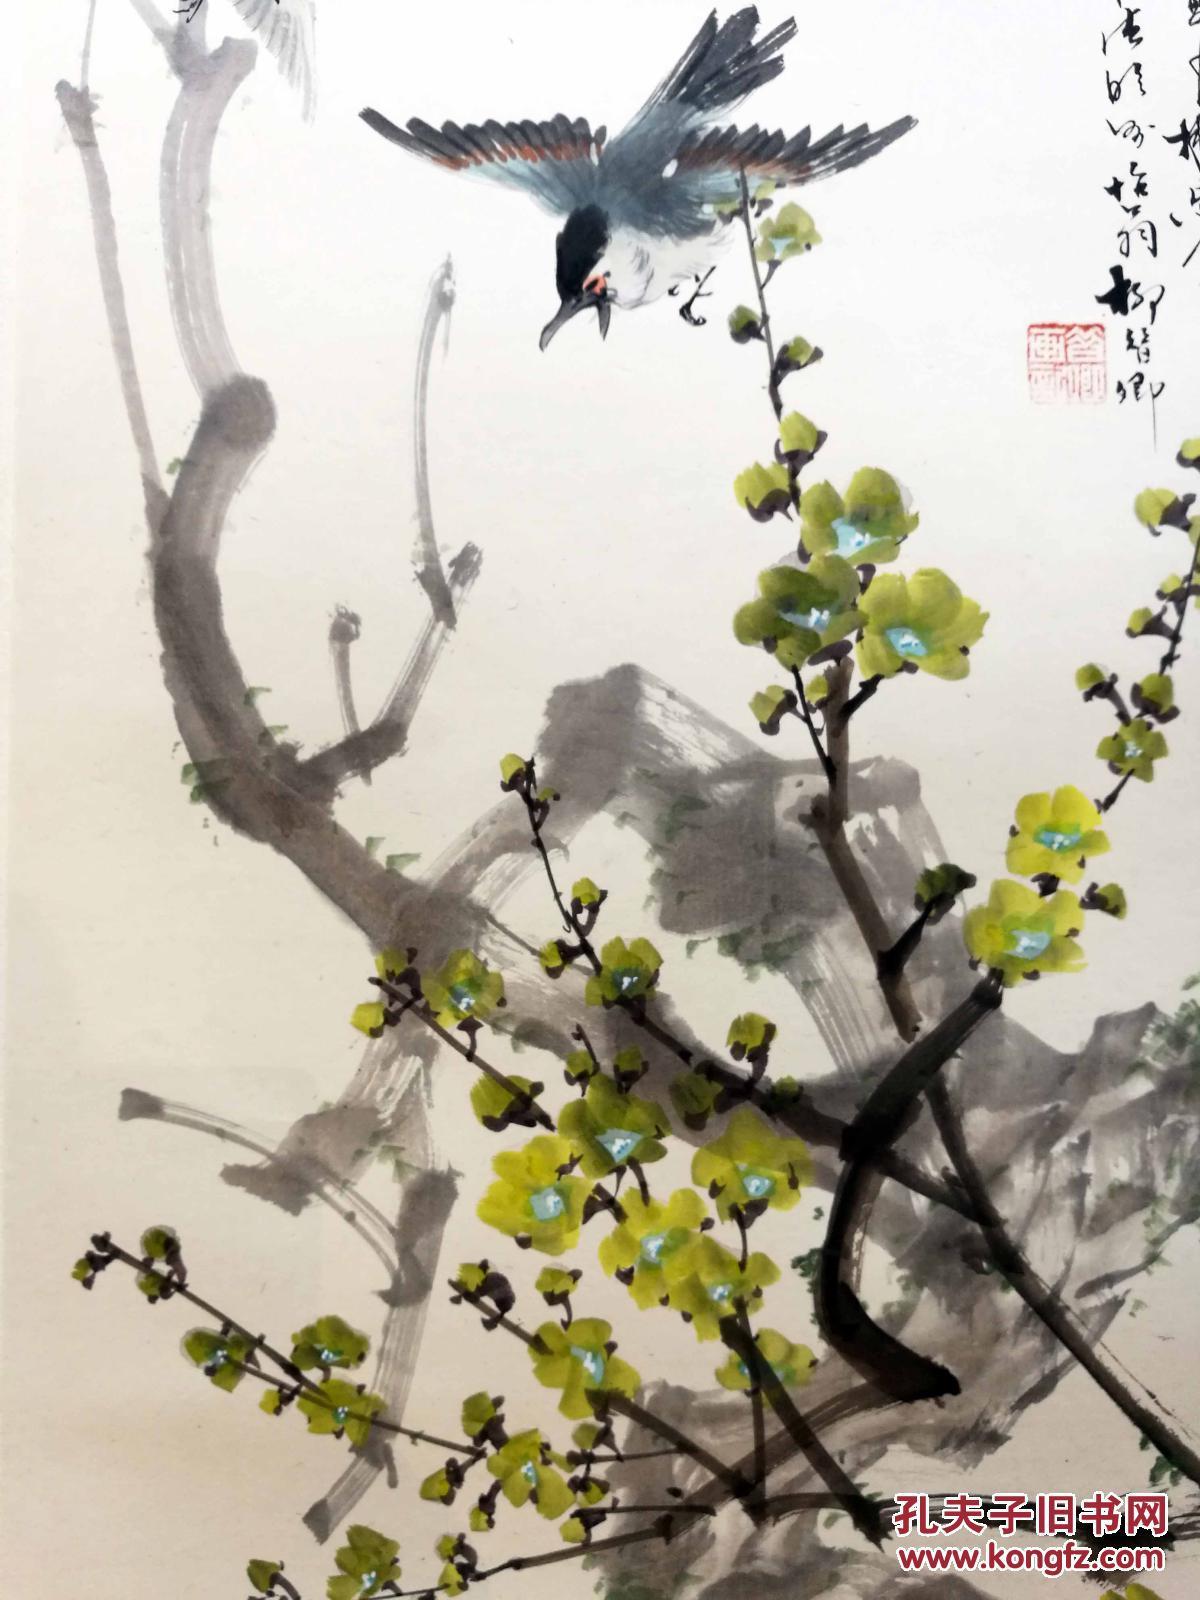 上海文史馆帝王柳昔卿国画作品《梅花馆员》包退保真龙虾蟹山雀哪个好吃图片